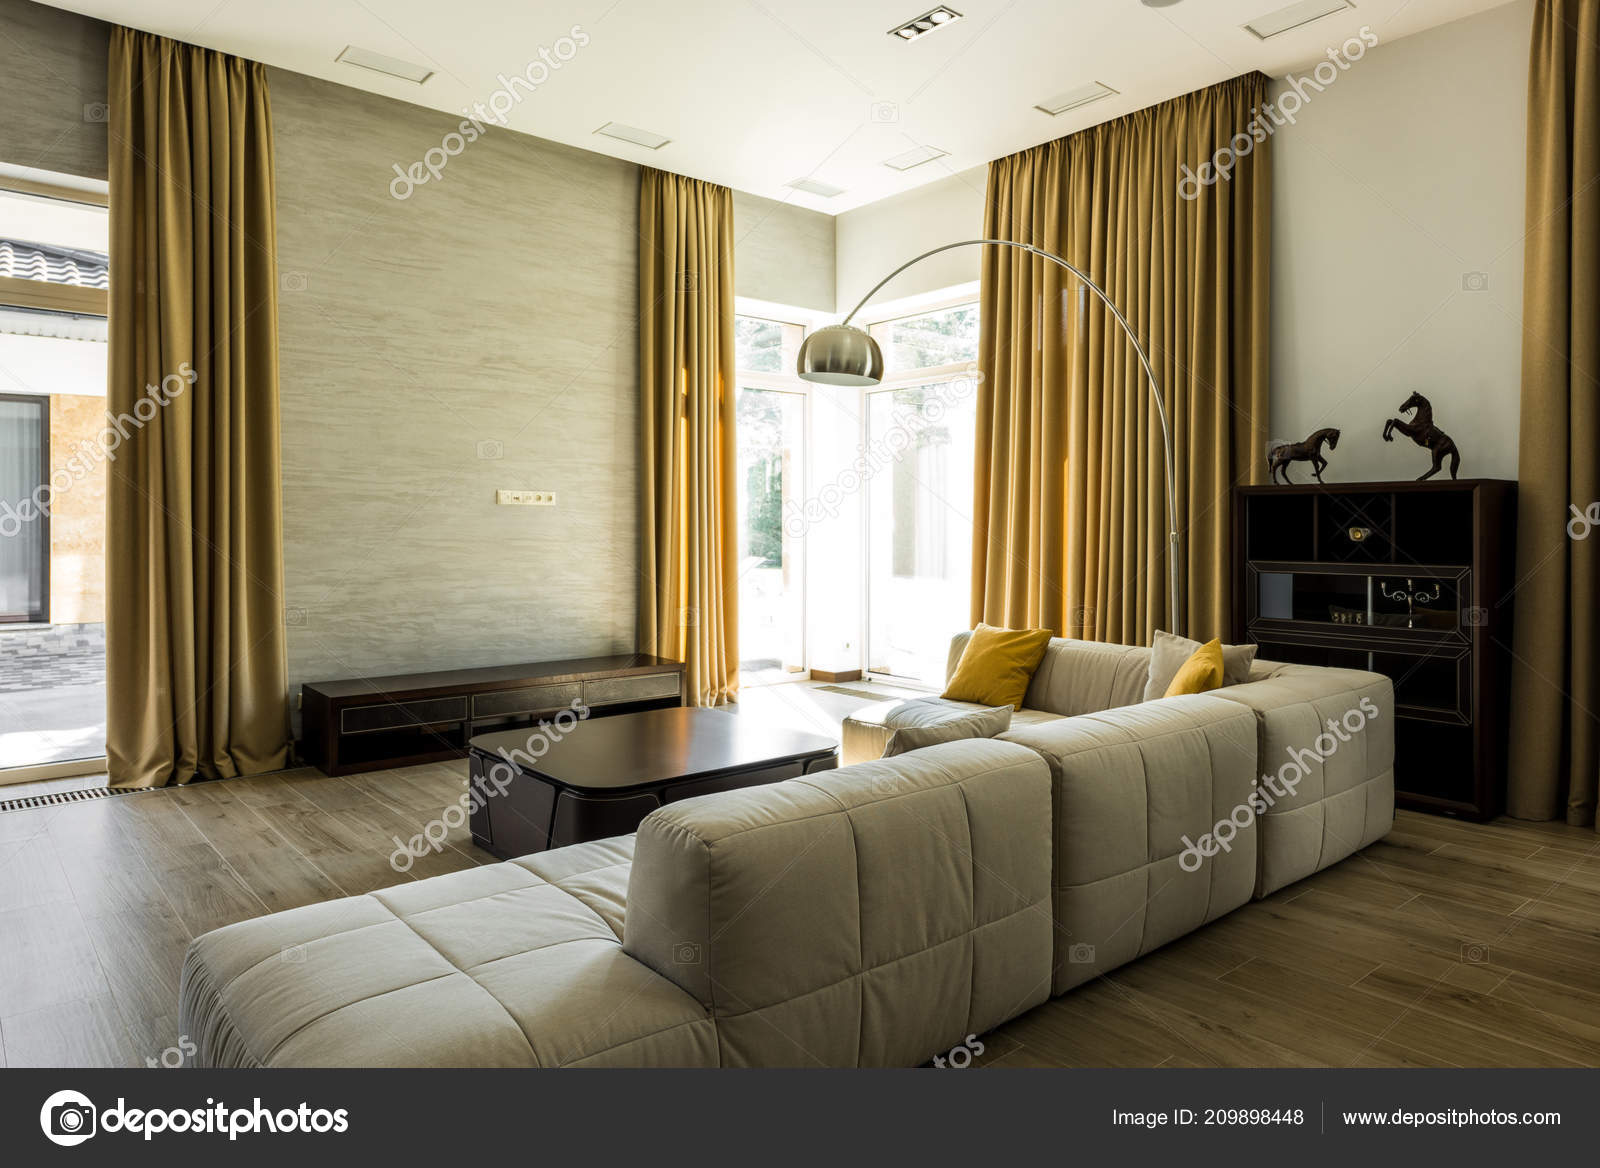 Interieur Van Lege Moderne Woonkamer Met Sofa Grote Ramen